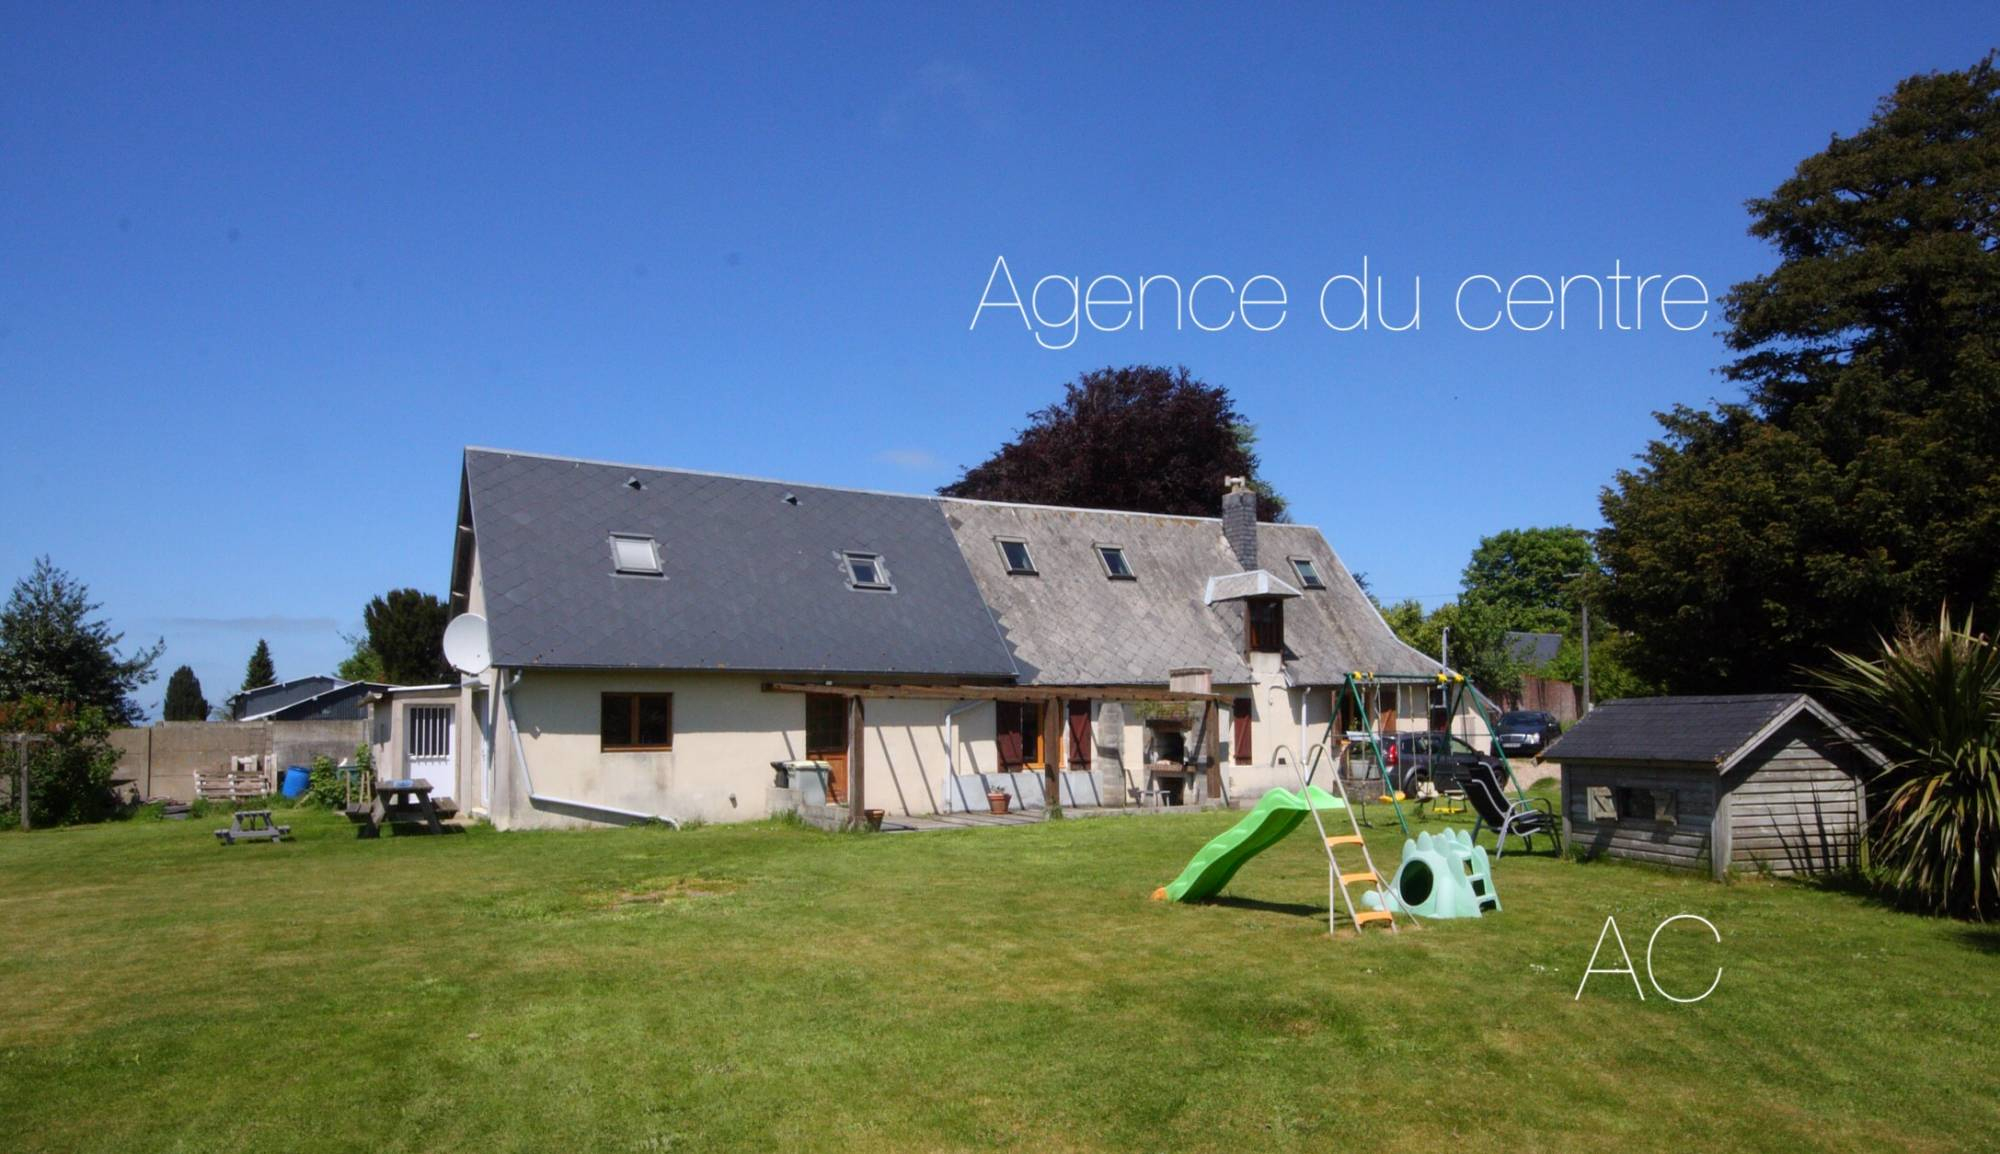 Achat Maison Traditionnelle À La Campagne Criquetot L ... avec Piscine Criquetot